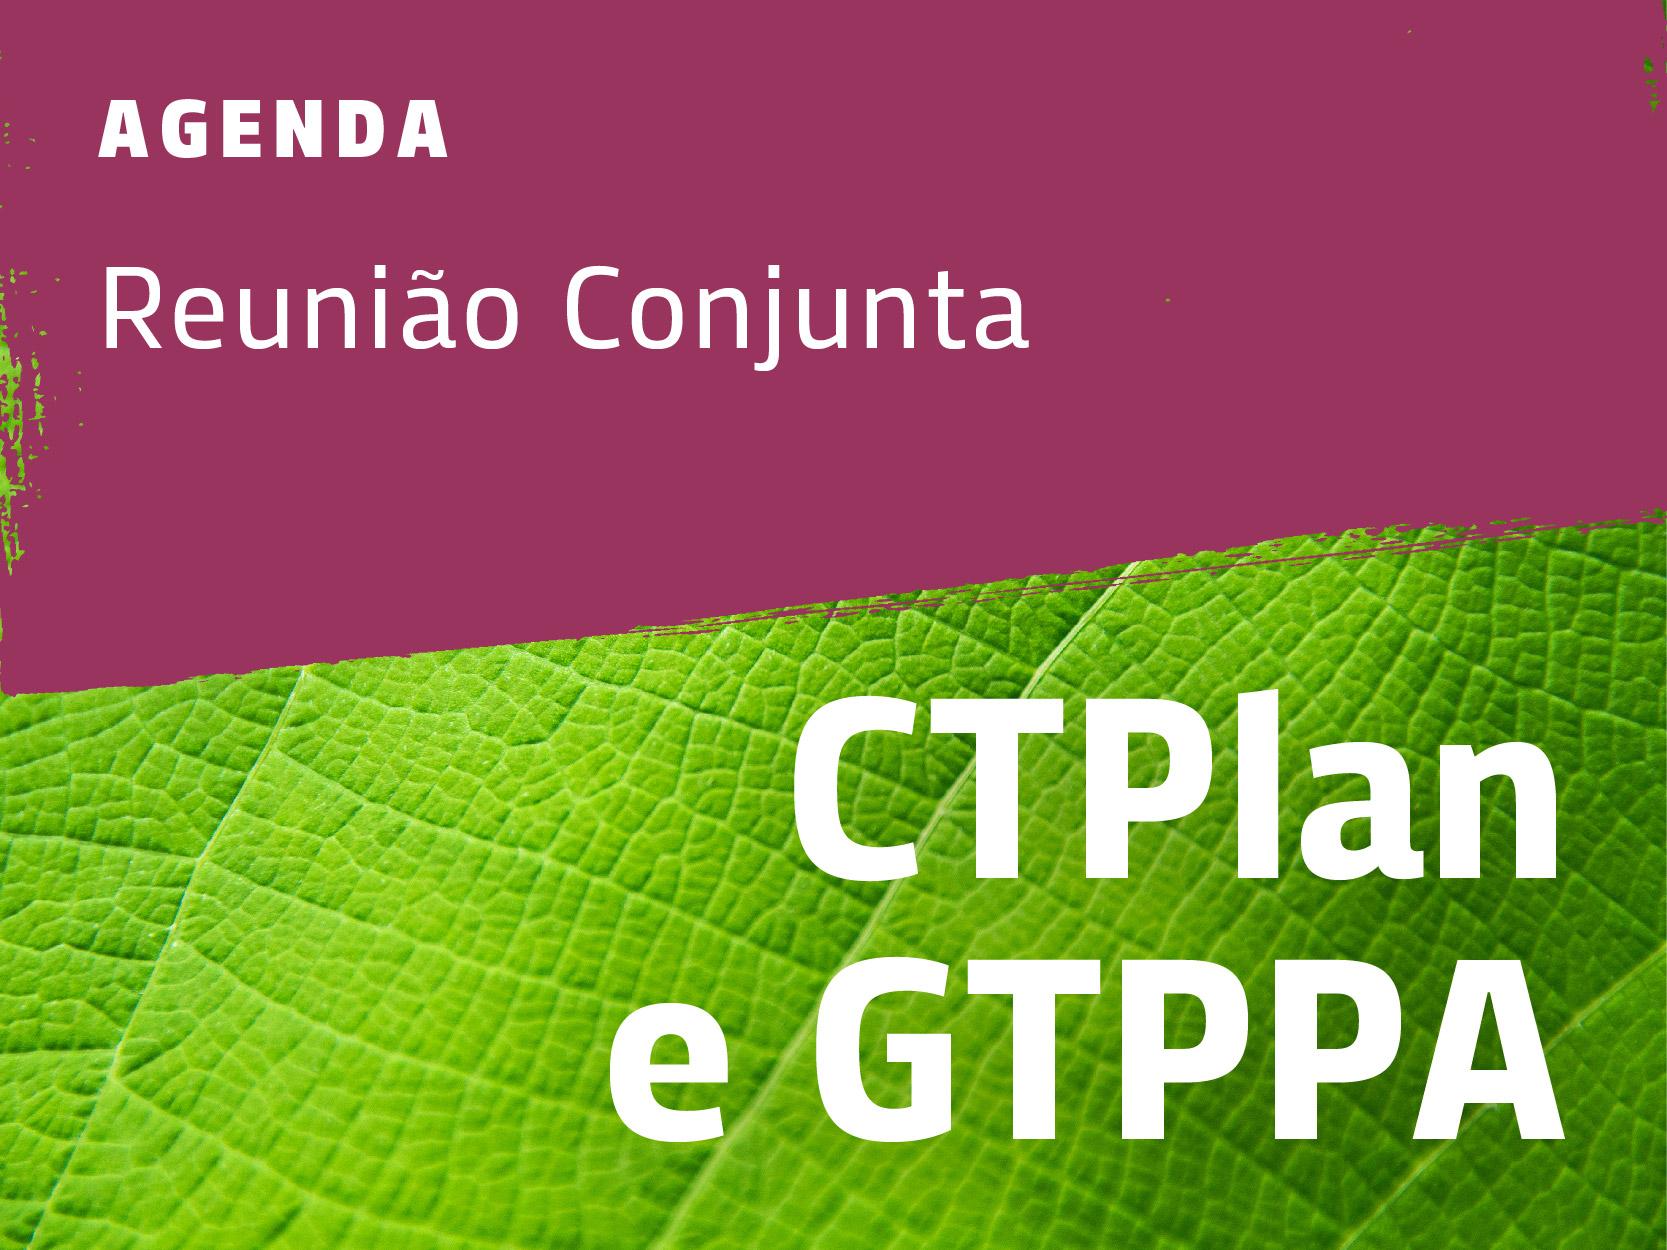 1ª Reunião Conjunta de 2021 do GTPPA e CTPlan do CBH Araguari